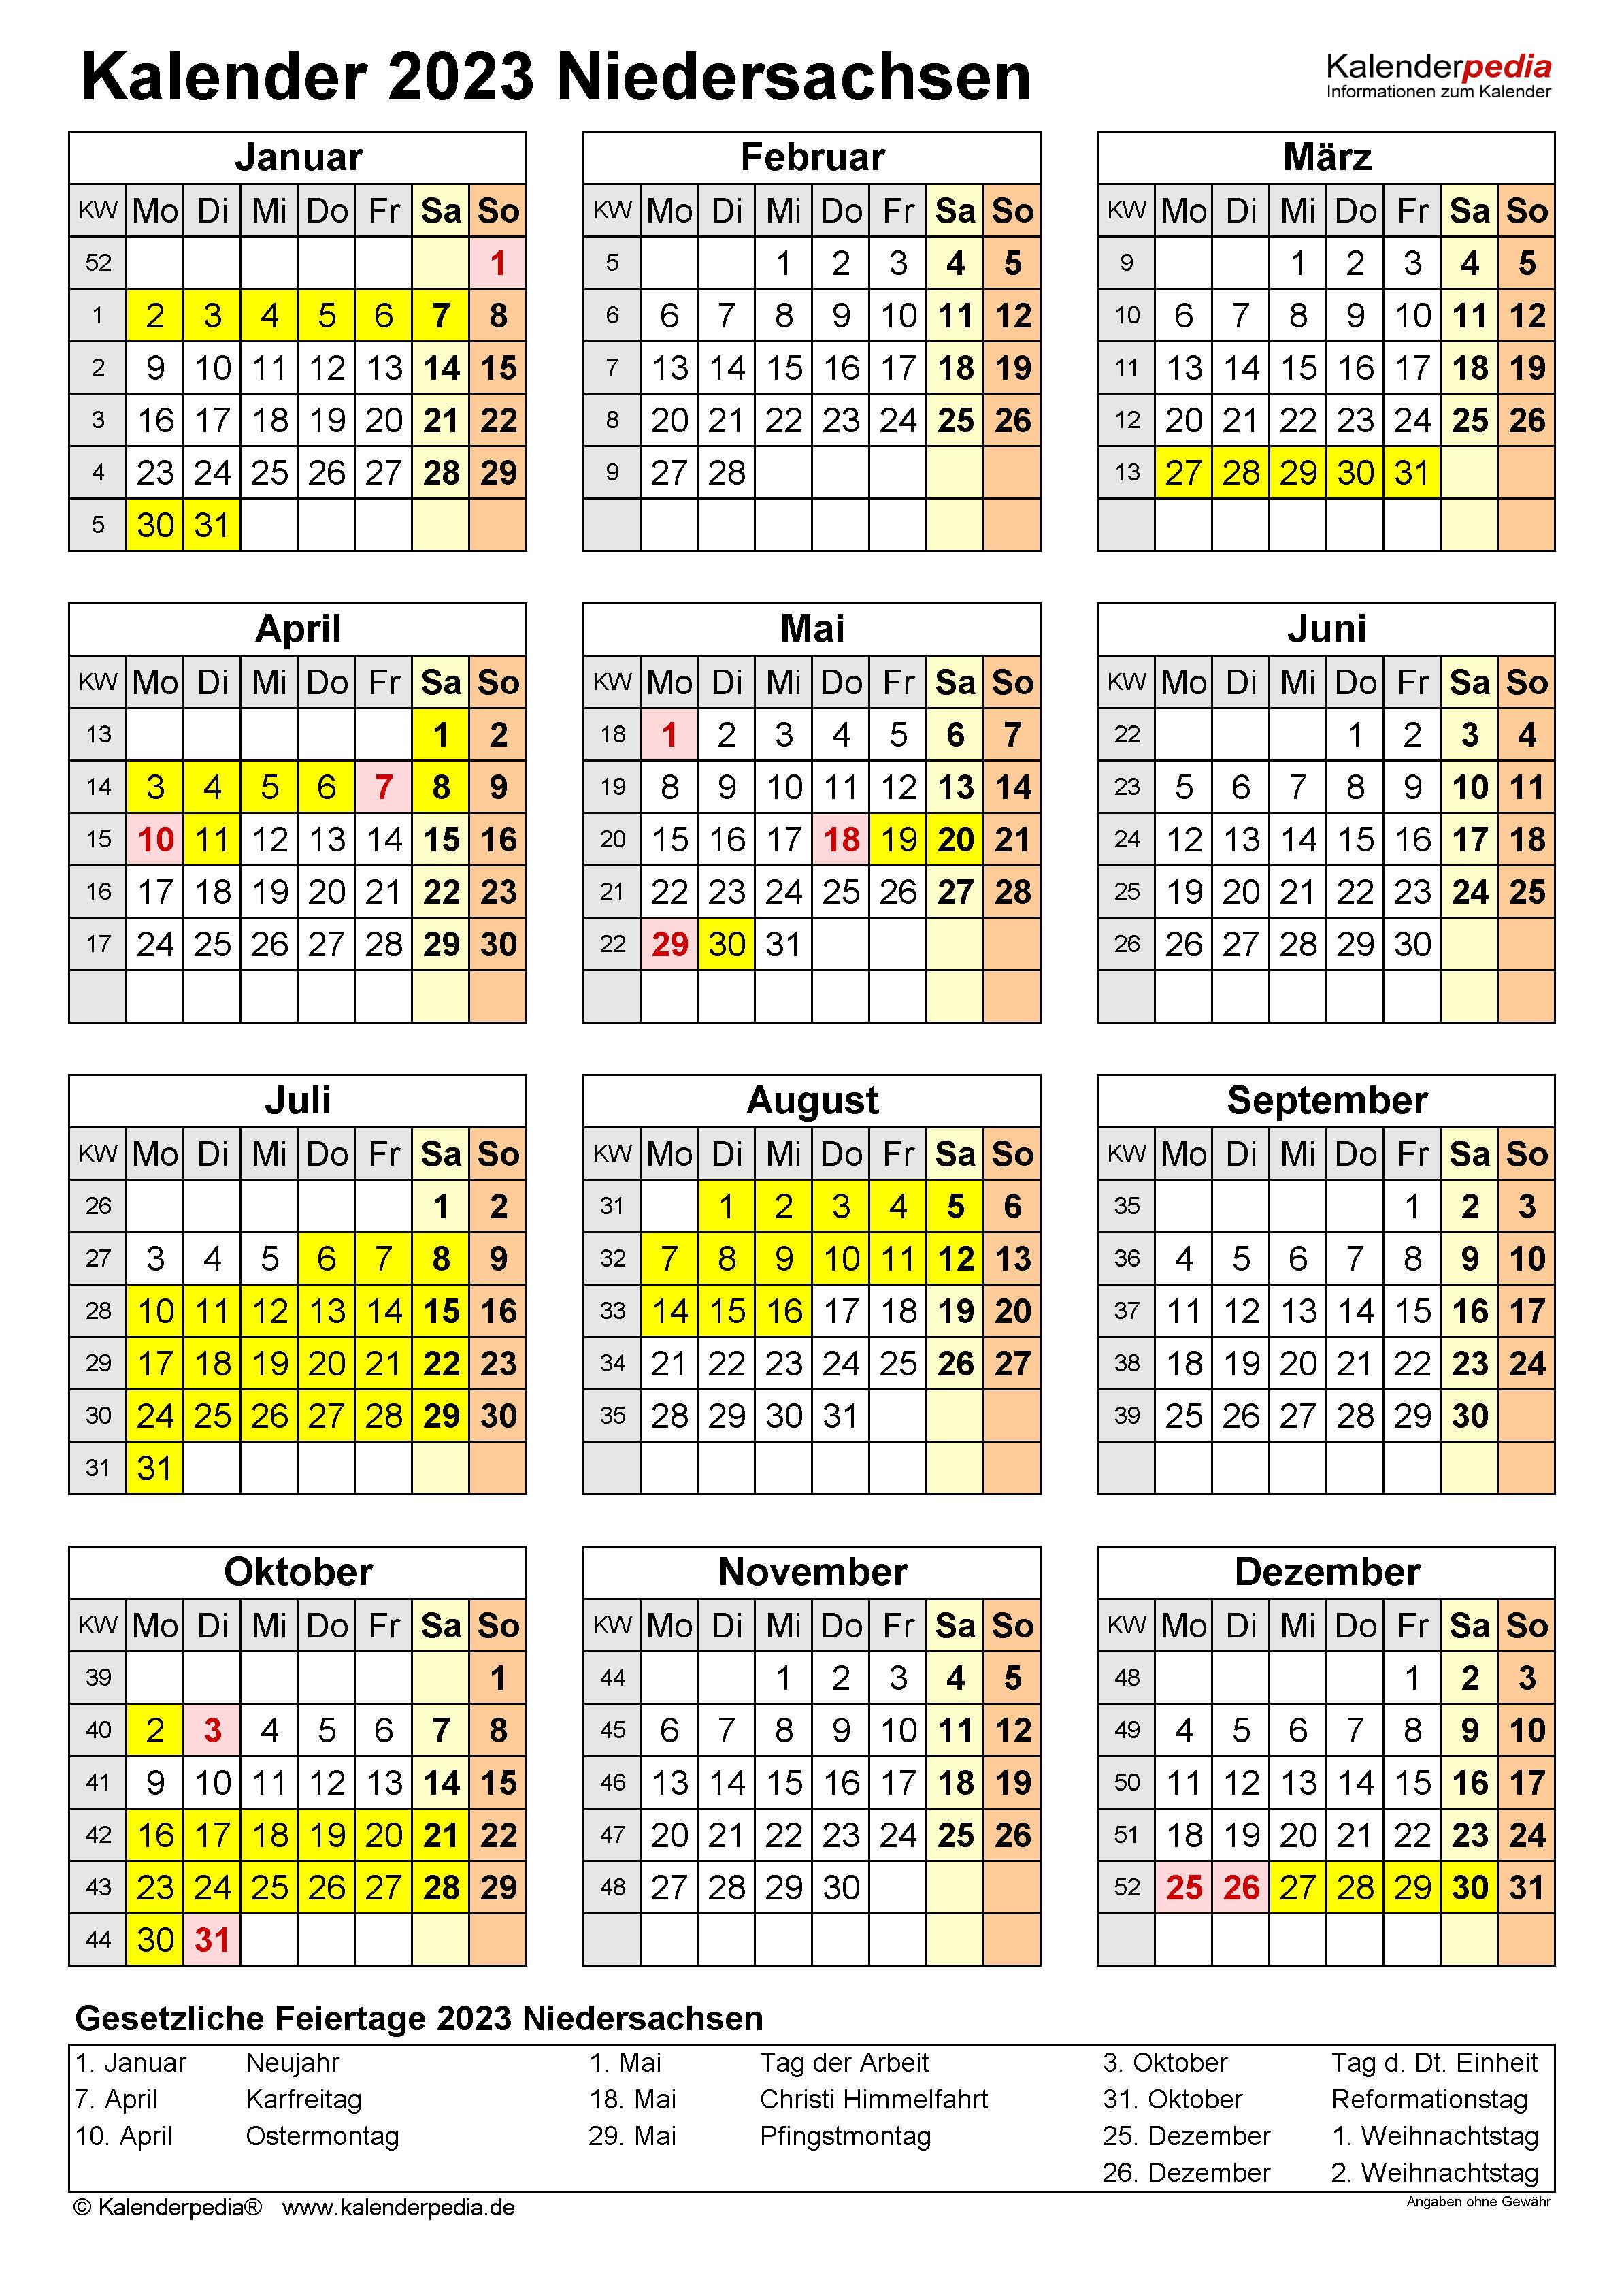 Kalender 2023 Niedersachsen: Ferien, Feiertage, PDF-Vorlagen